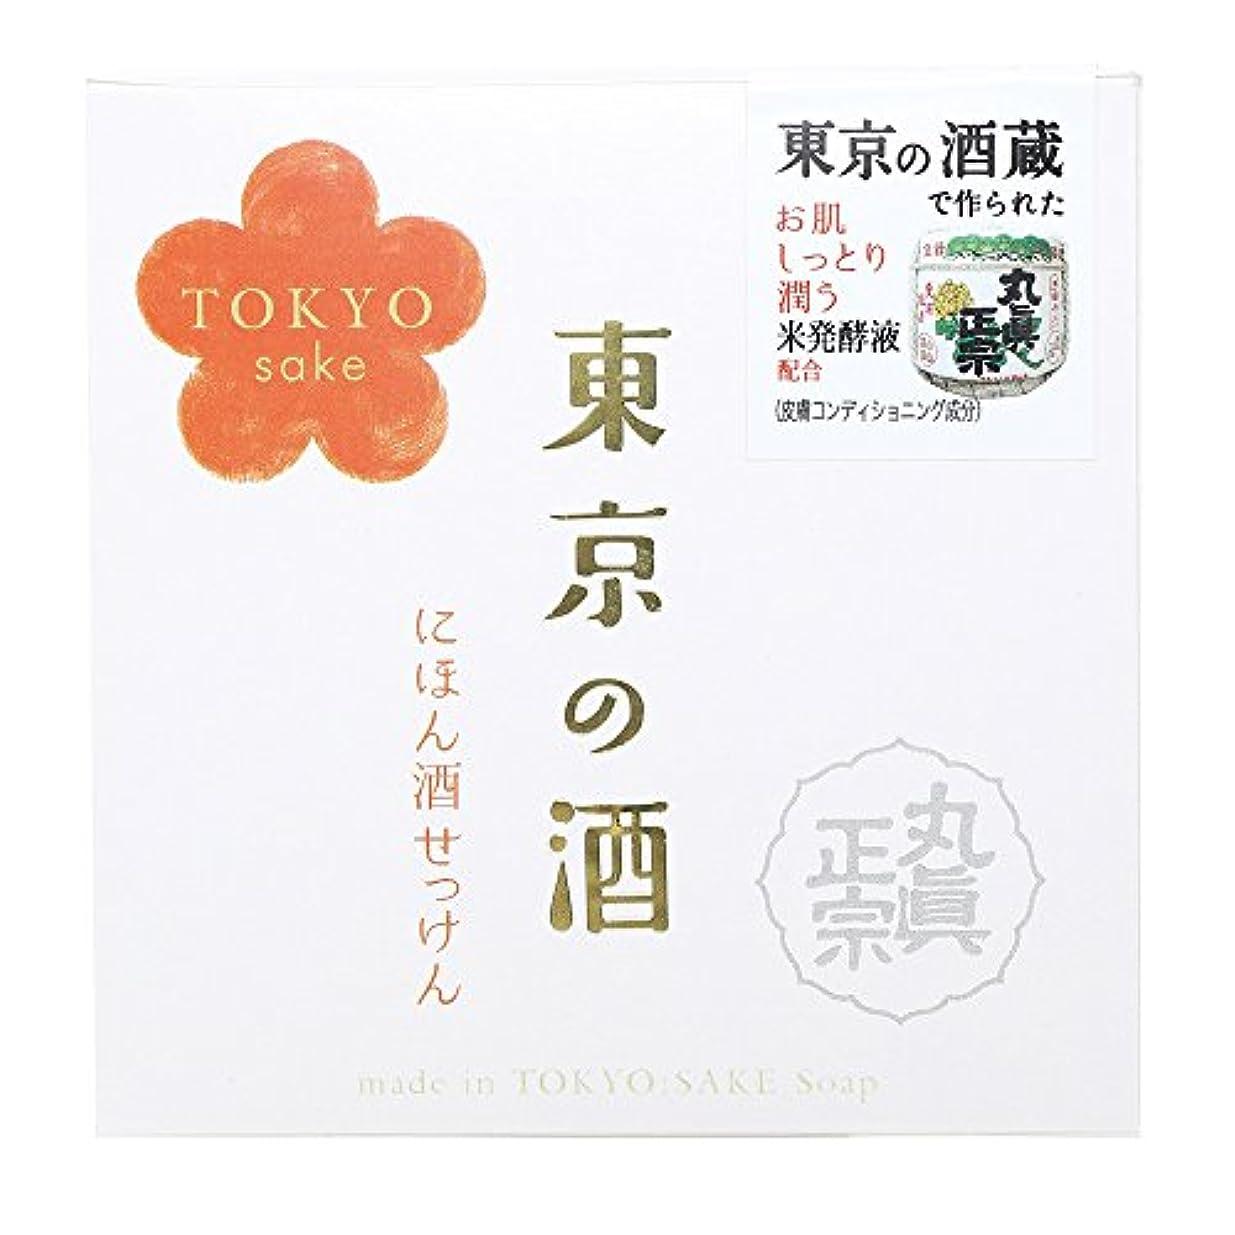 バランスのとれたスロープ実際のノルコーポレーション 東京の酒 石けん OB-TKY-1-1 100g